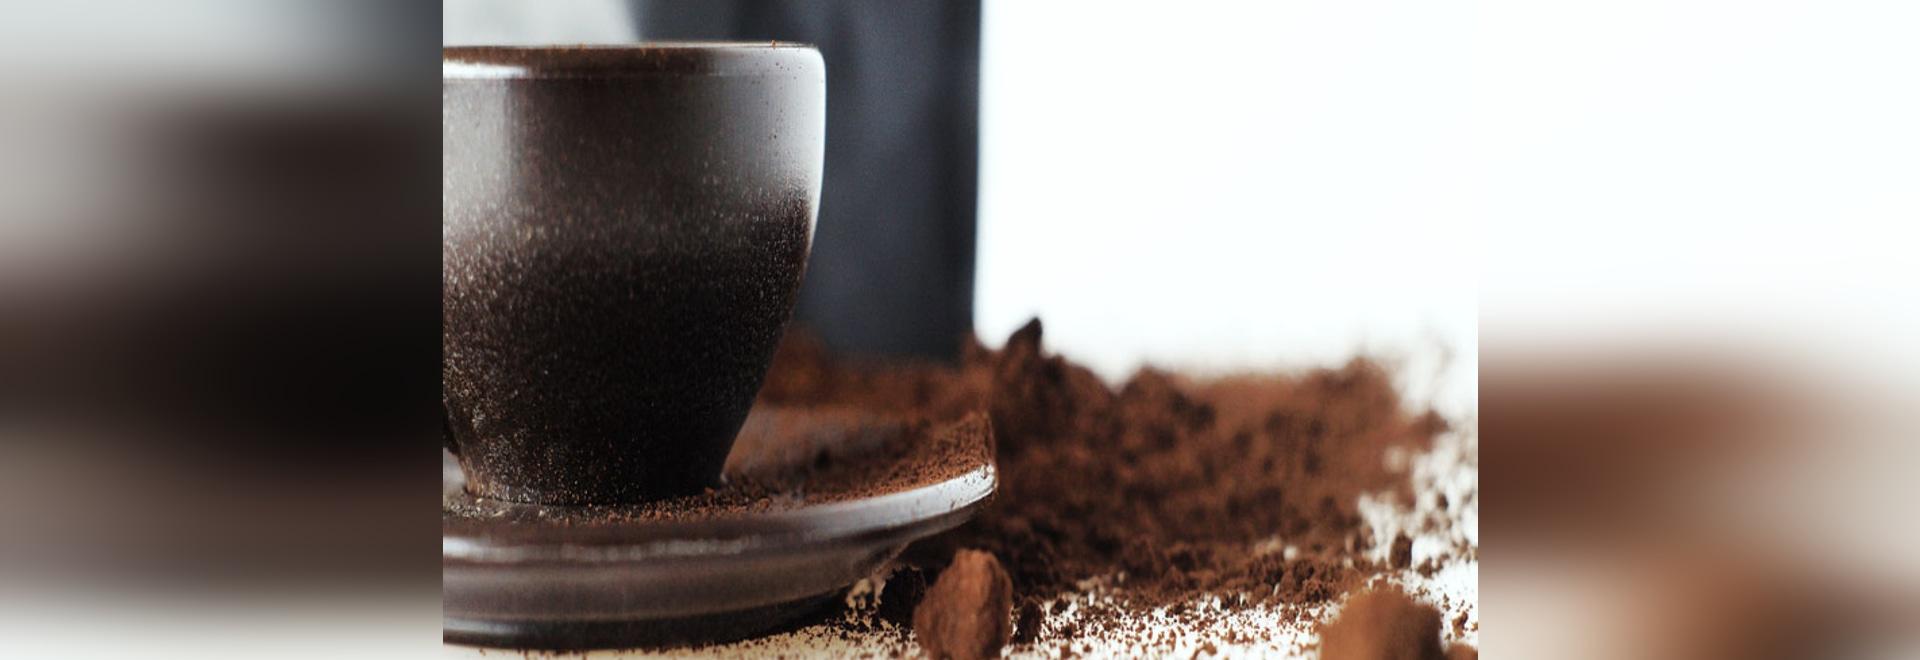 Höflichkeit von Kaffee-Form